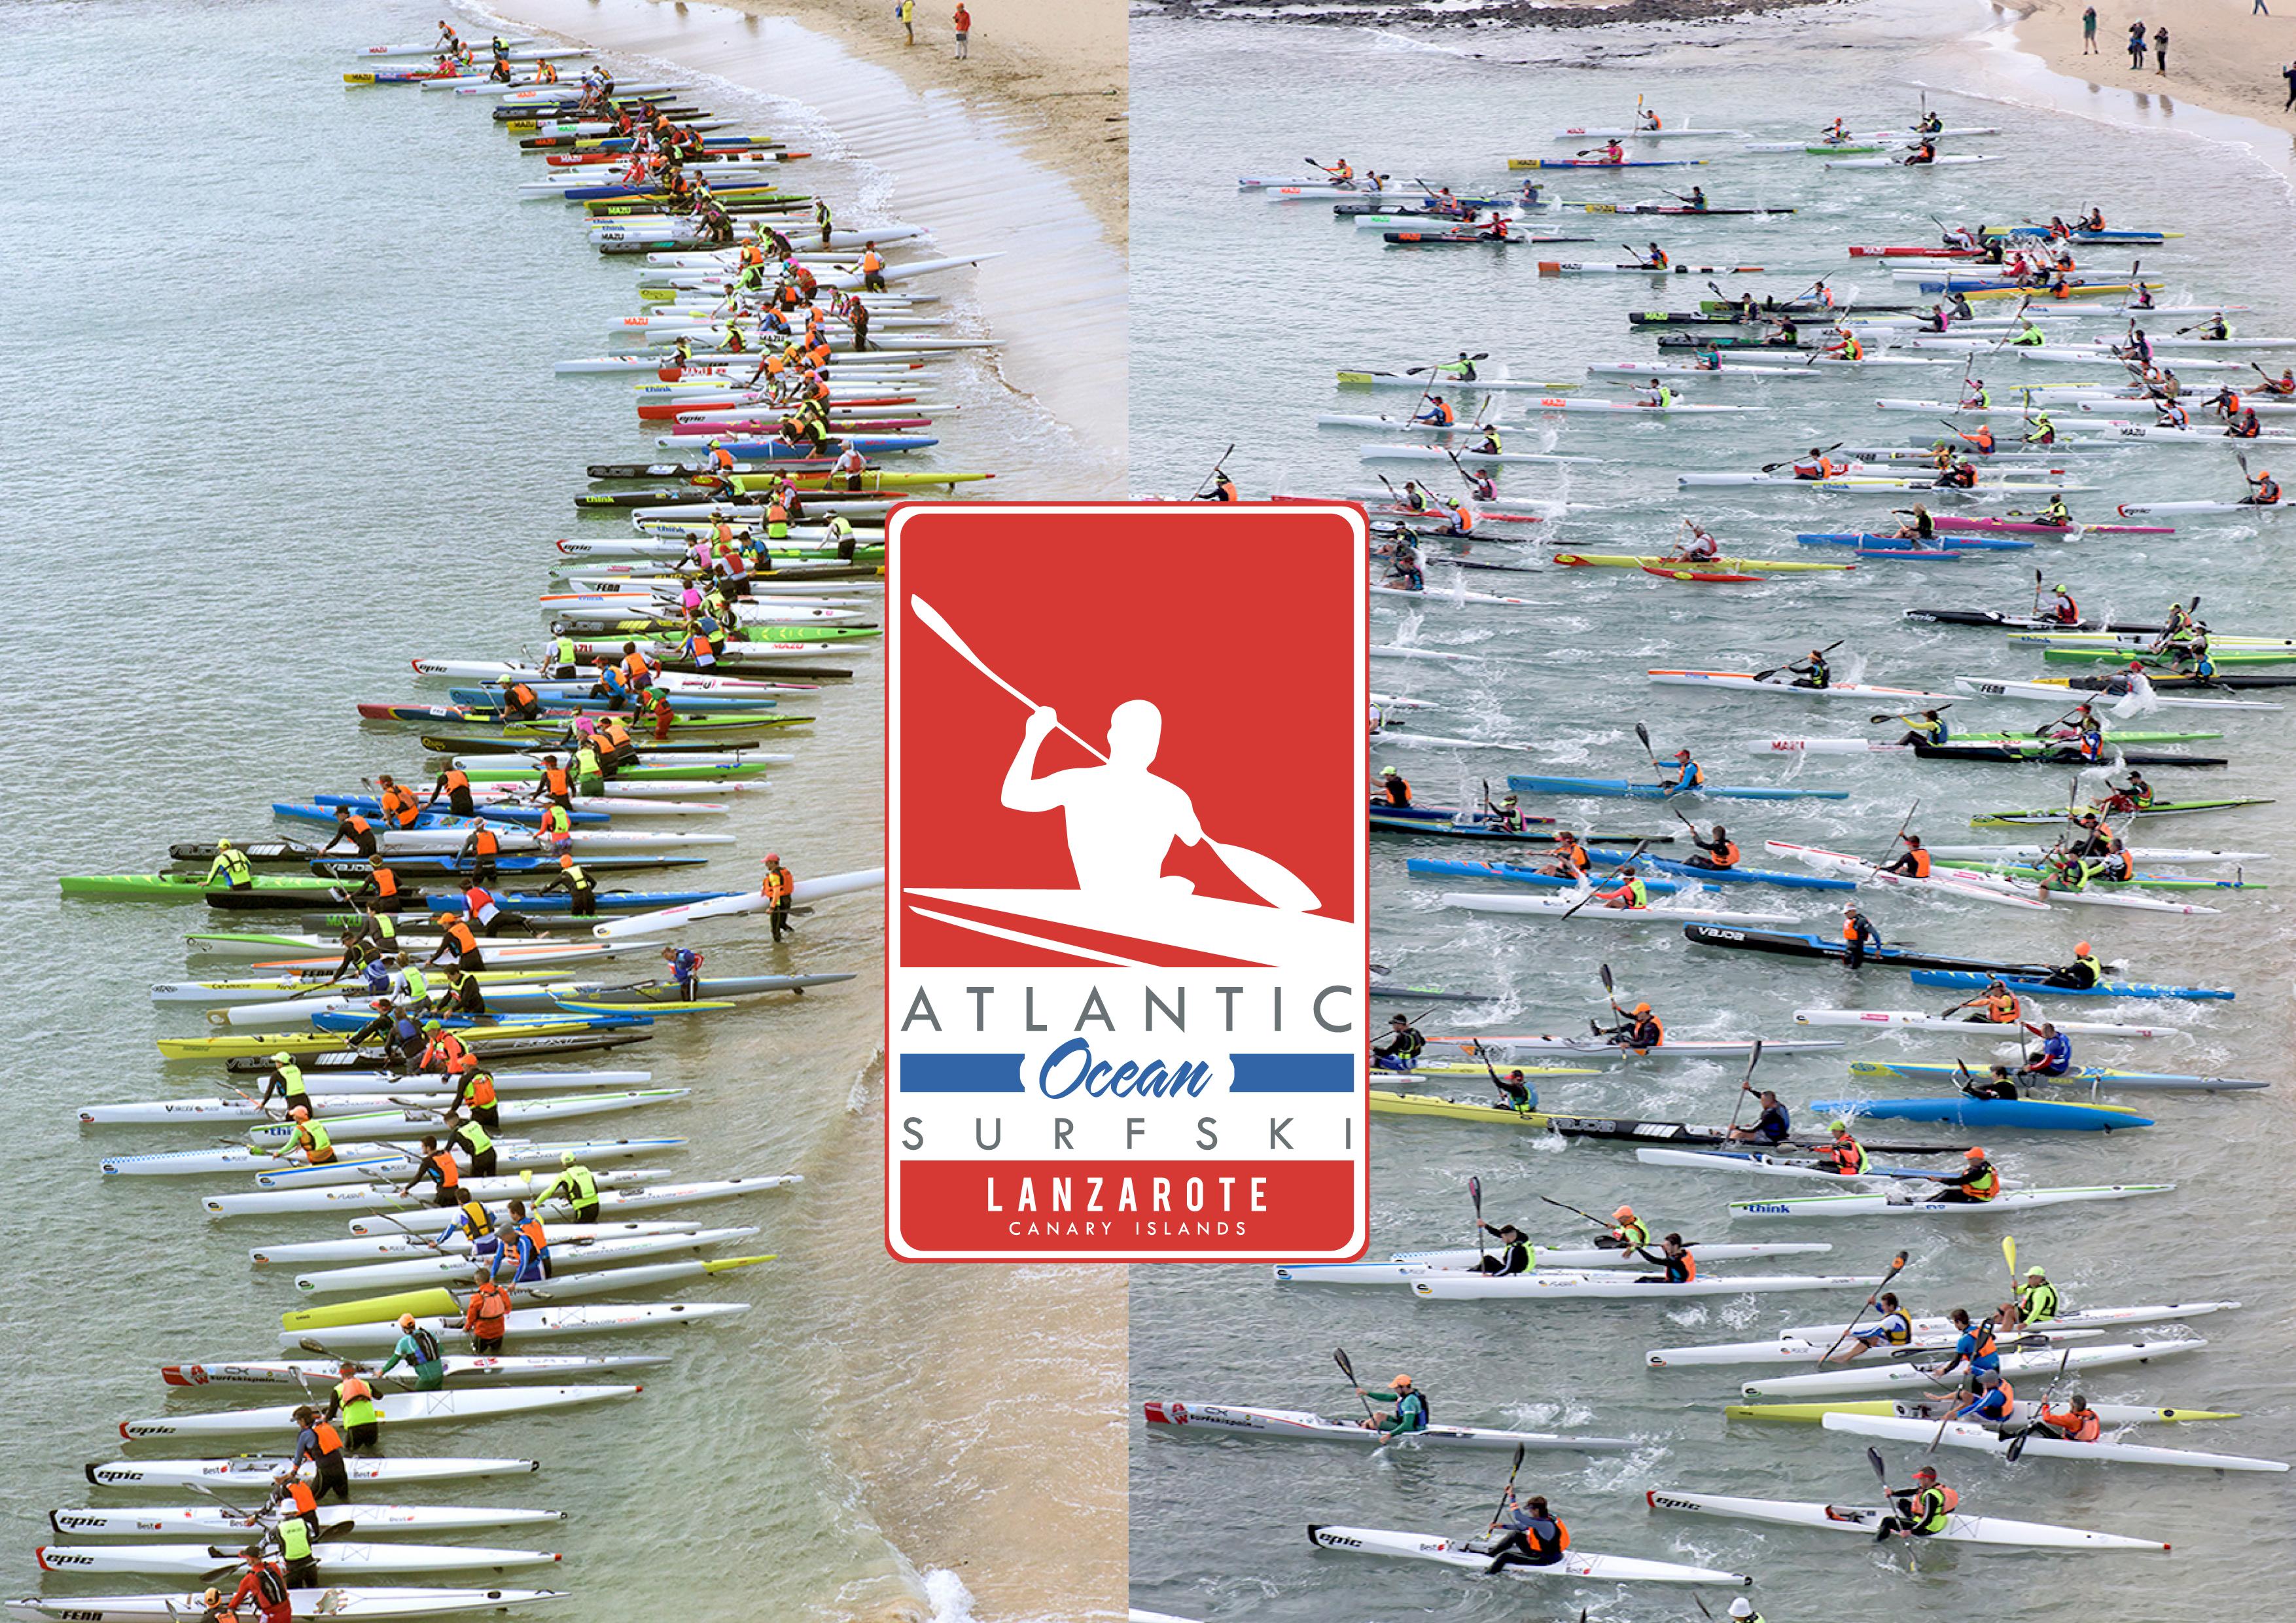 La Atlantic Ocean Surfski celebra su tercera edición en Lanzarote